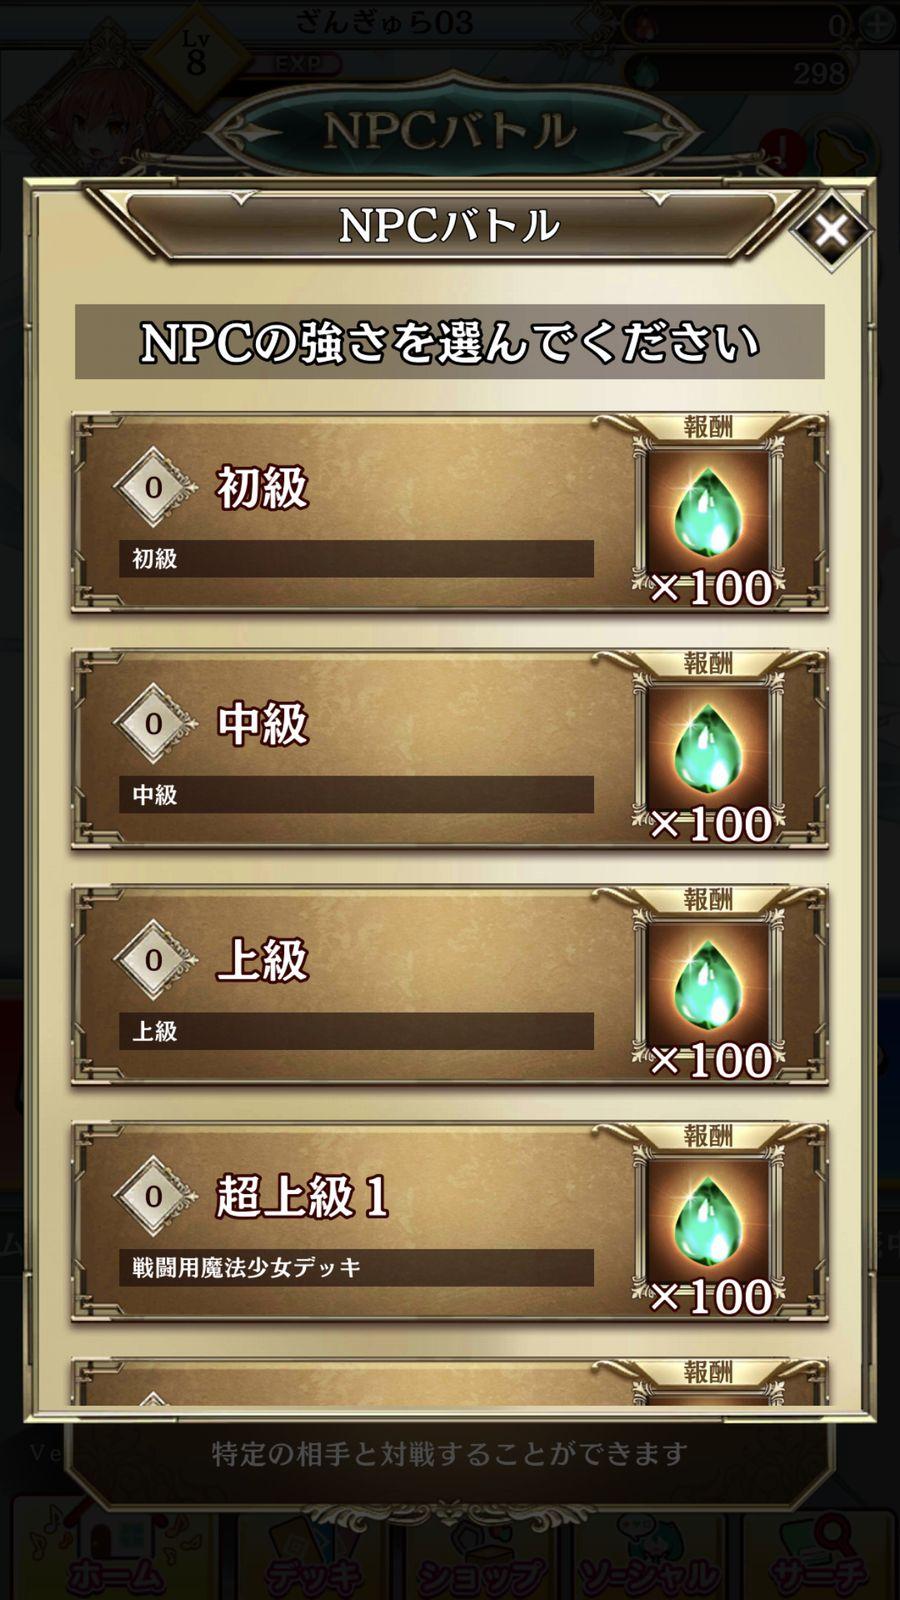 アルテイルNEO【攻略】: ミクファン必見!ミクデッキ作成までの道